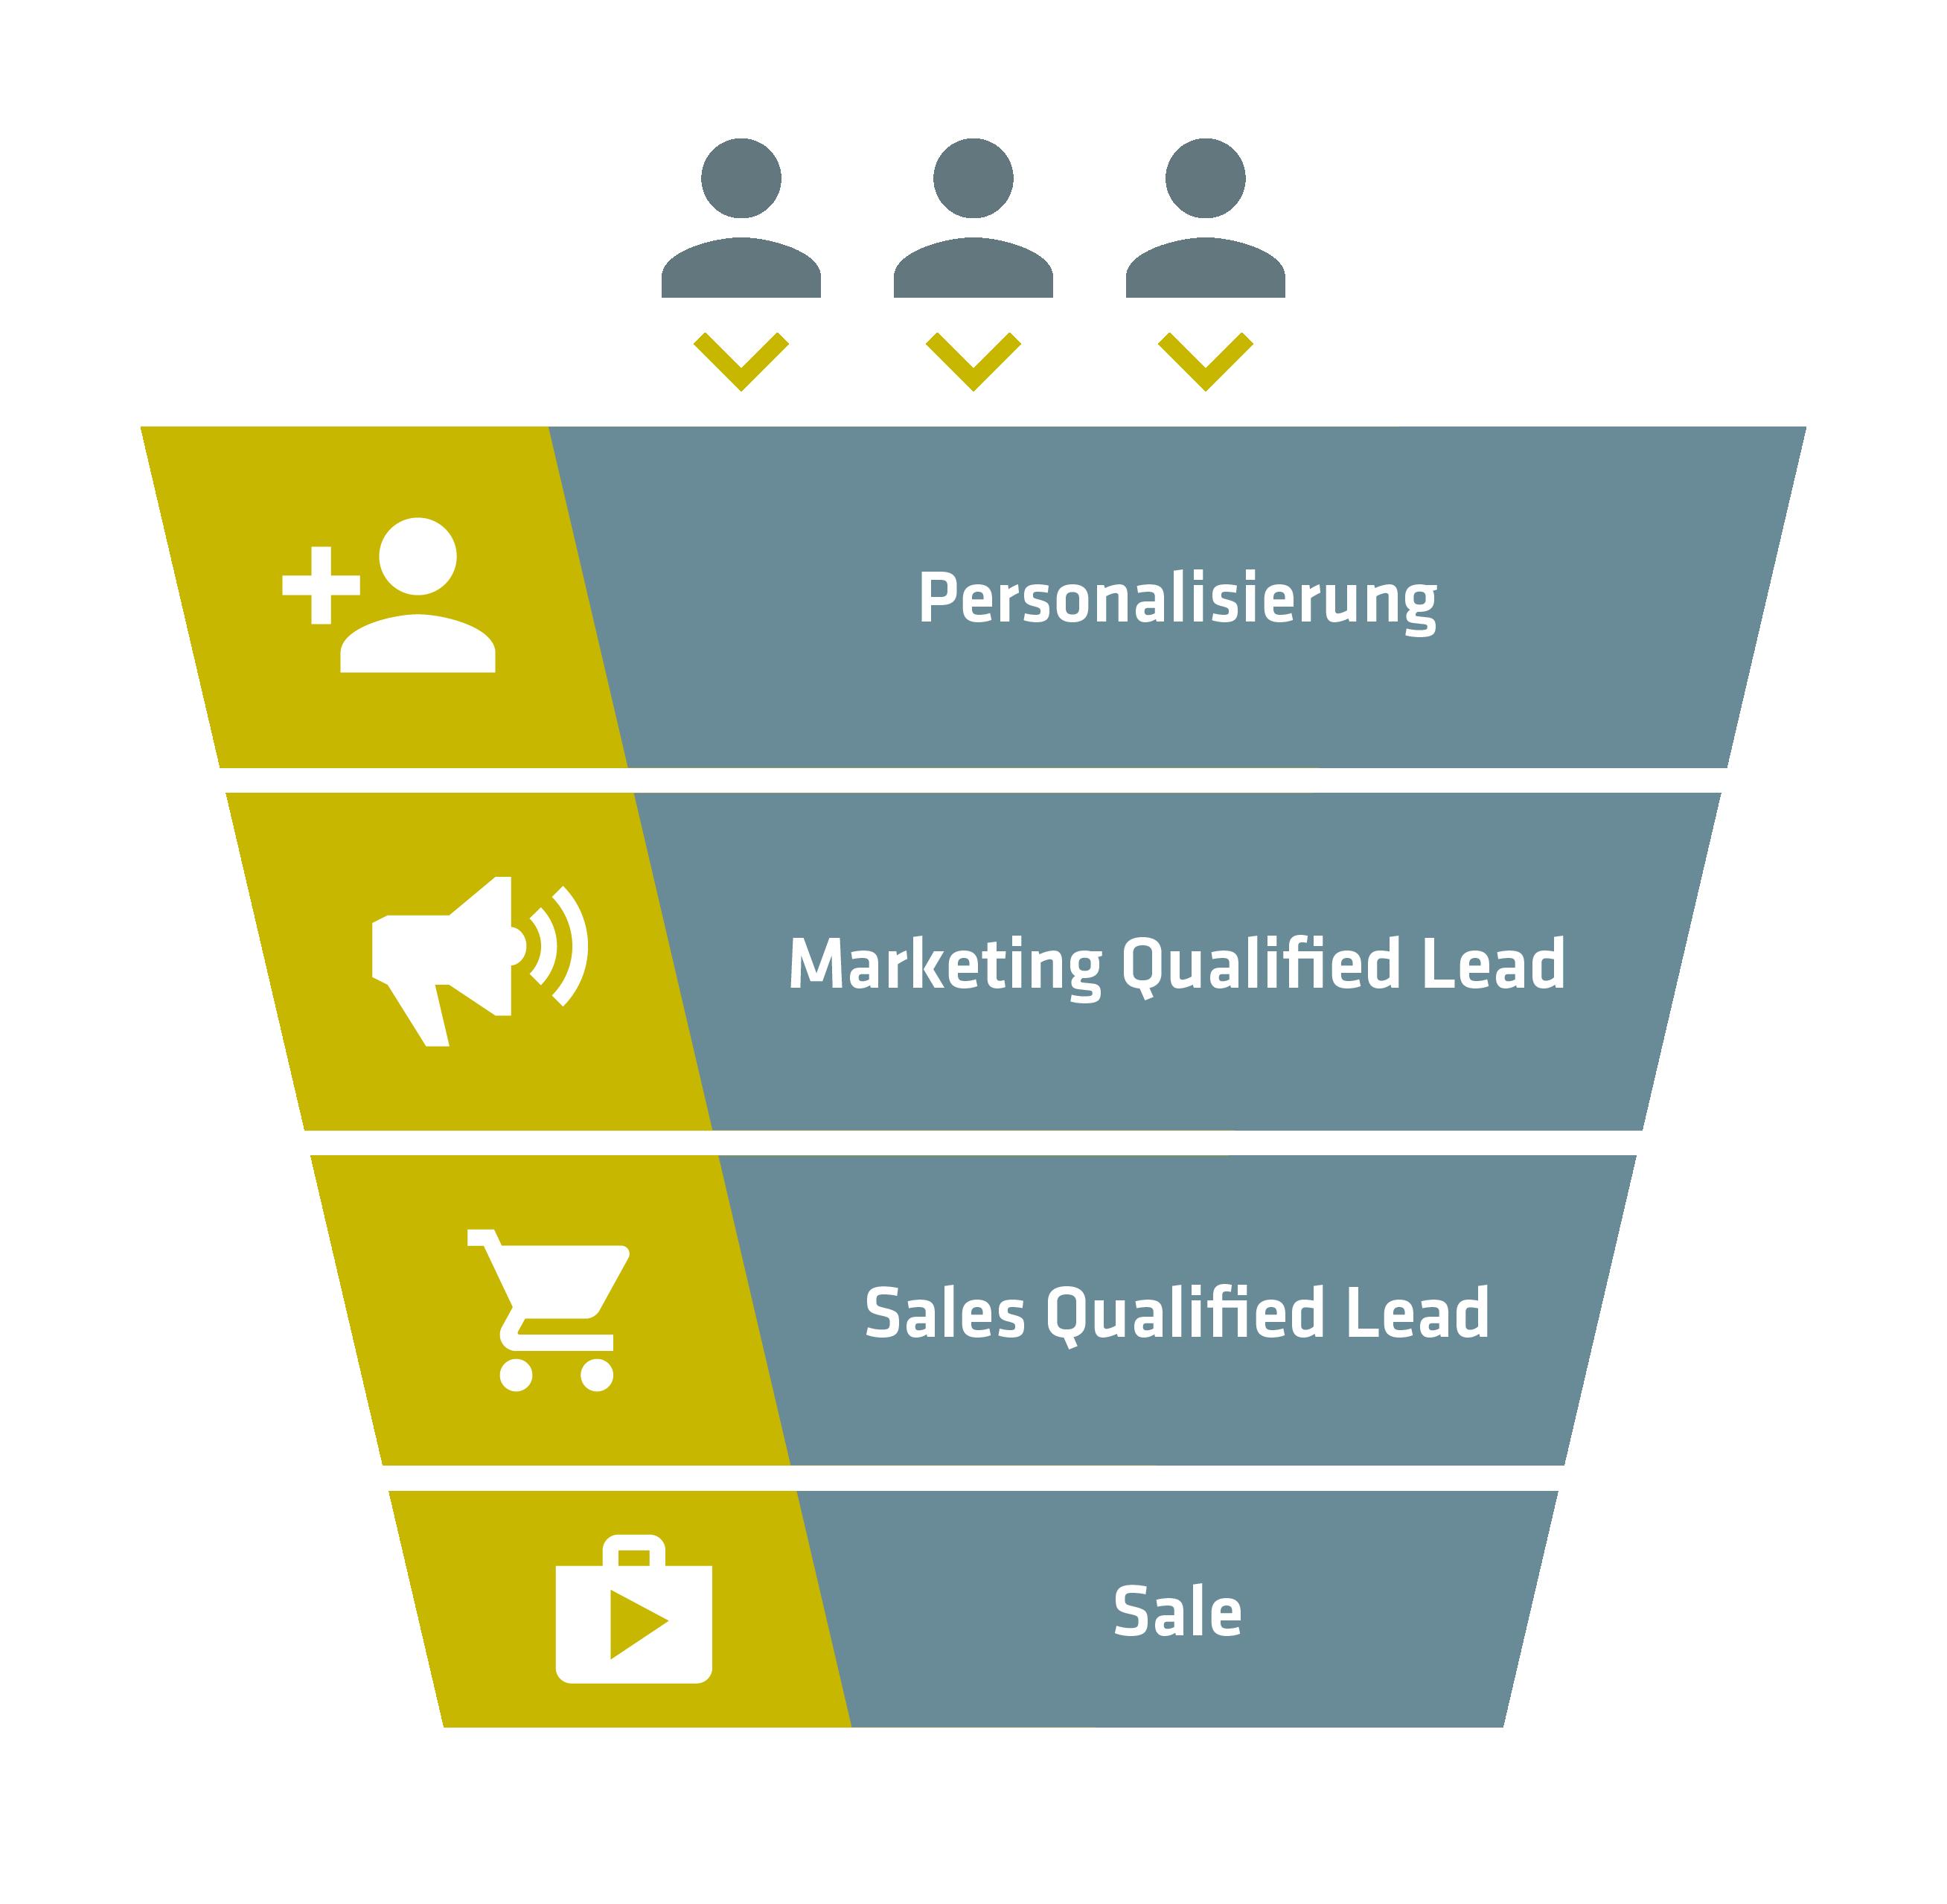 Mit Marketing Automation und Personalisierung optimieren wir ihren Funnel und gewährleisten ein effizientes Lead Management und Lead Nurturing.